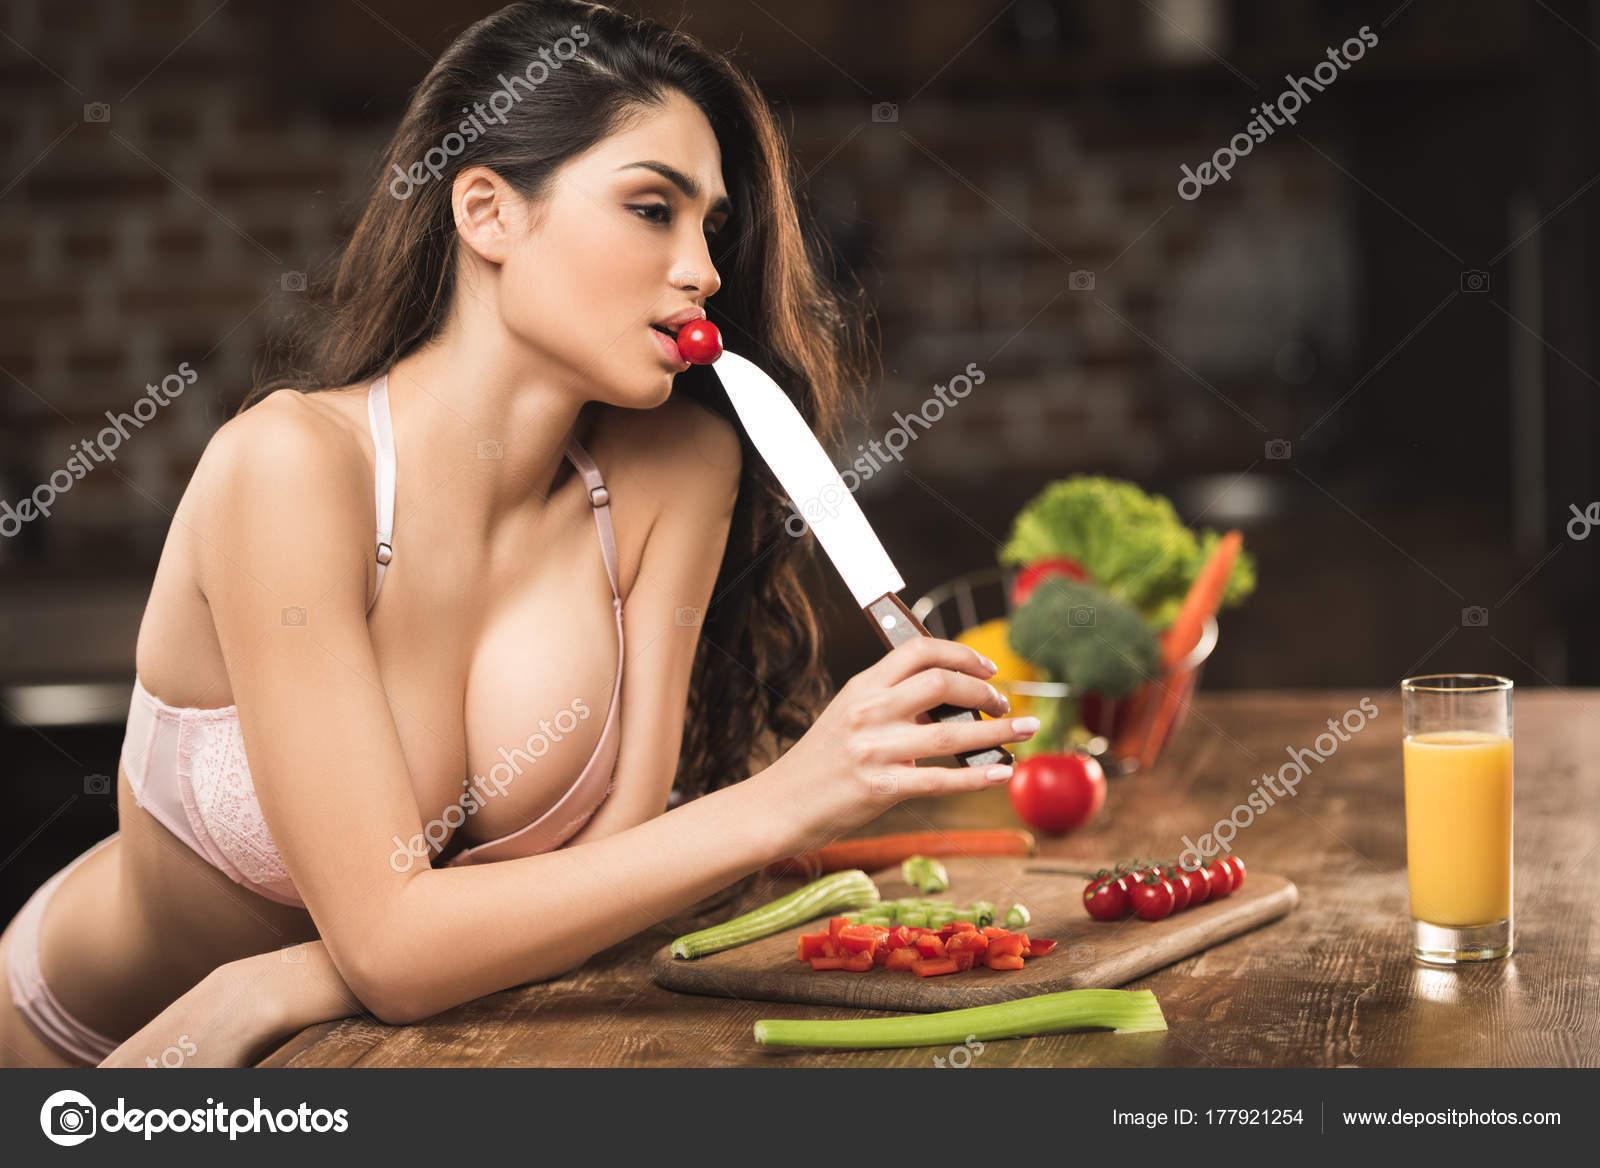 erotic women eating dragons